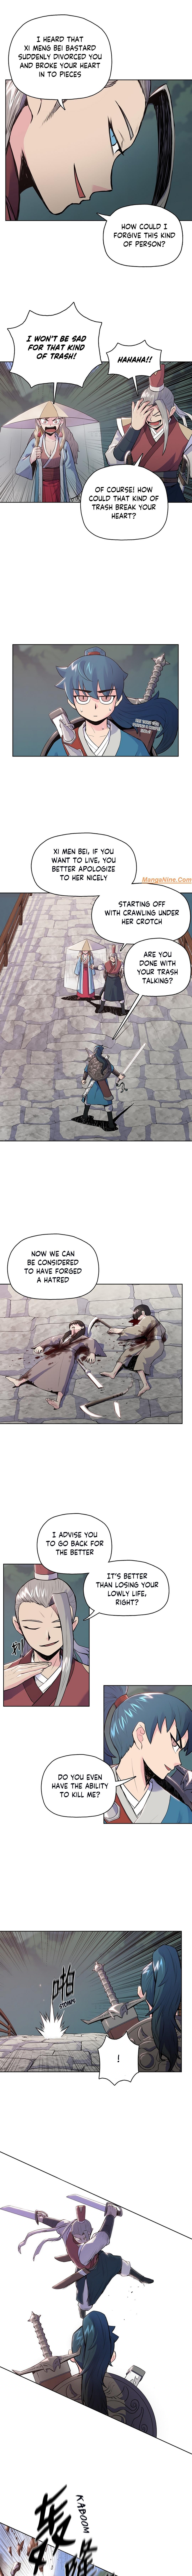 The God Of War Chapter 7 page 4 - Mangakakalots.com